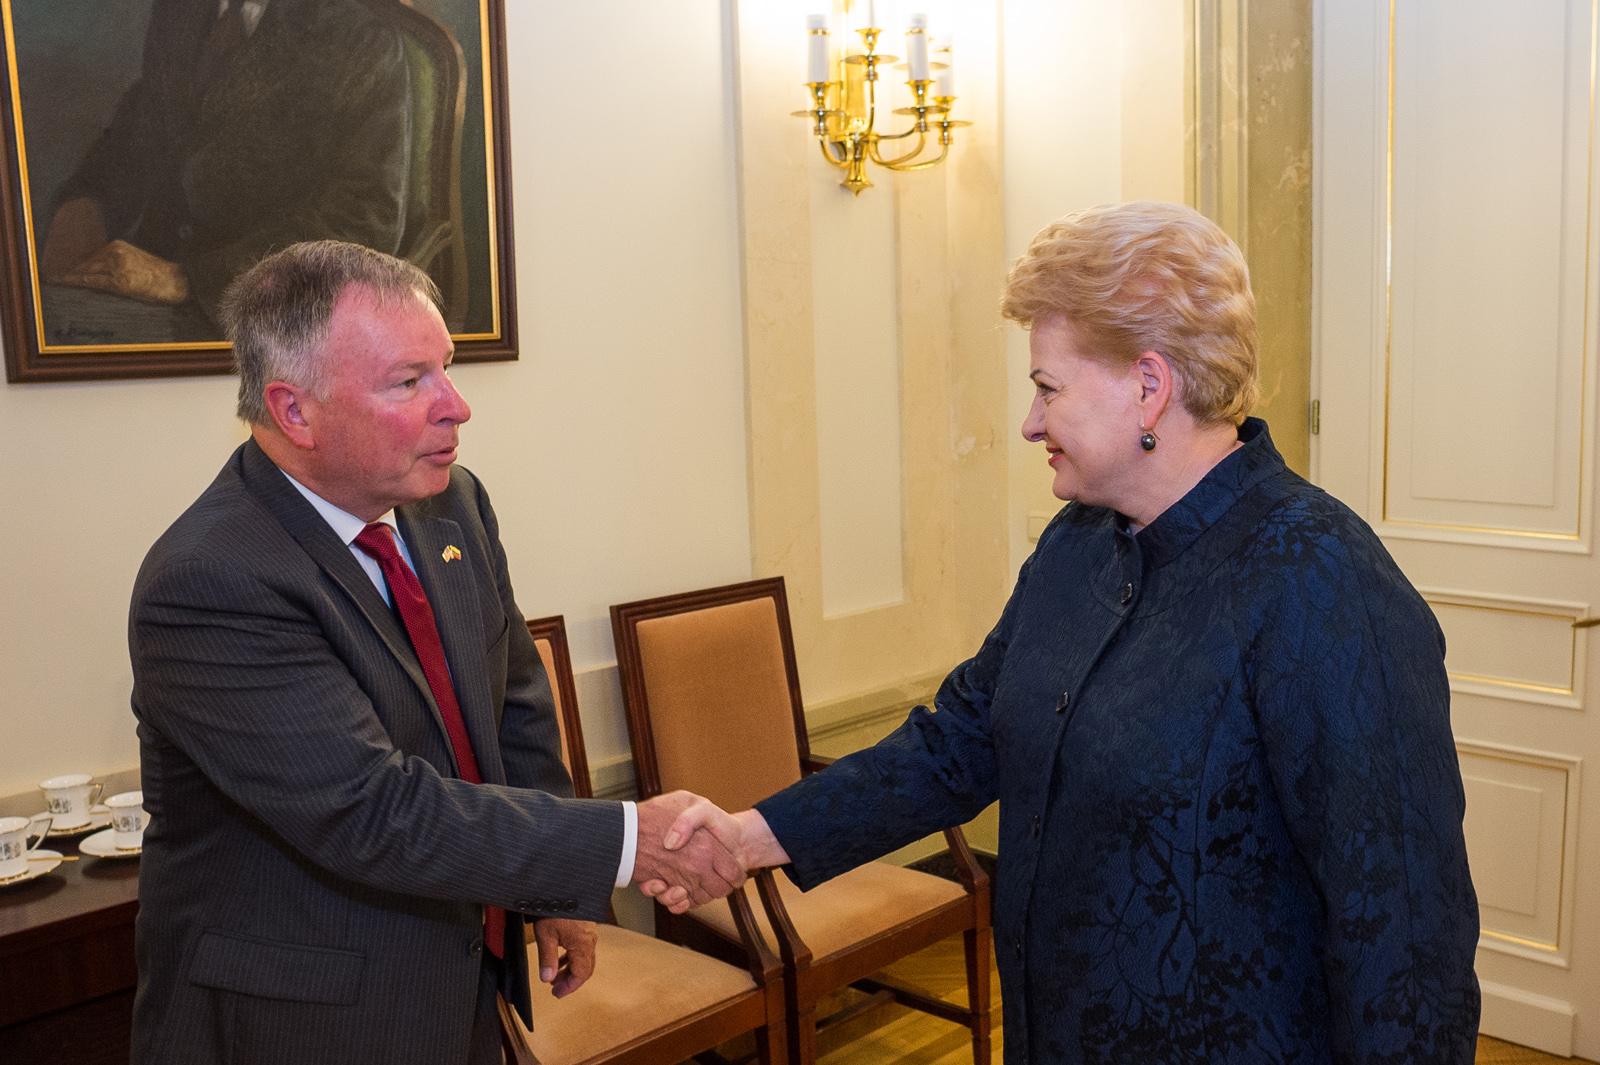 Prezidentė susitinka su Jungtinių Amerikos Valstijų Kongreso delegacijos nariais | lrp.lt nuotr.